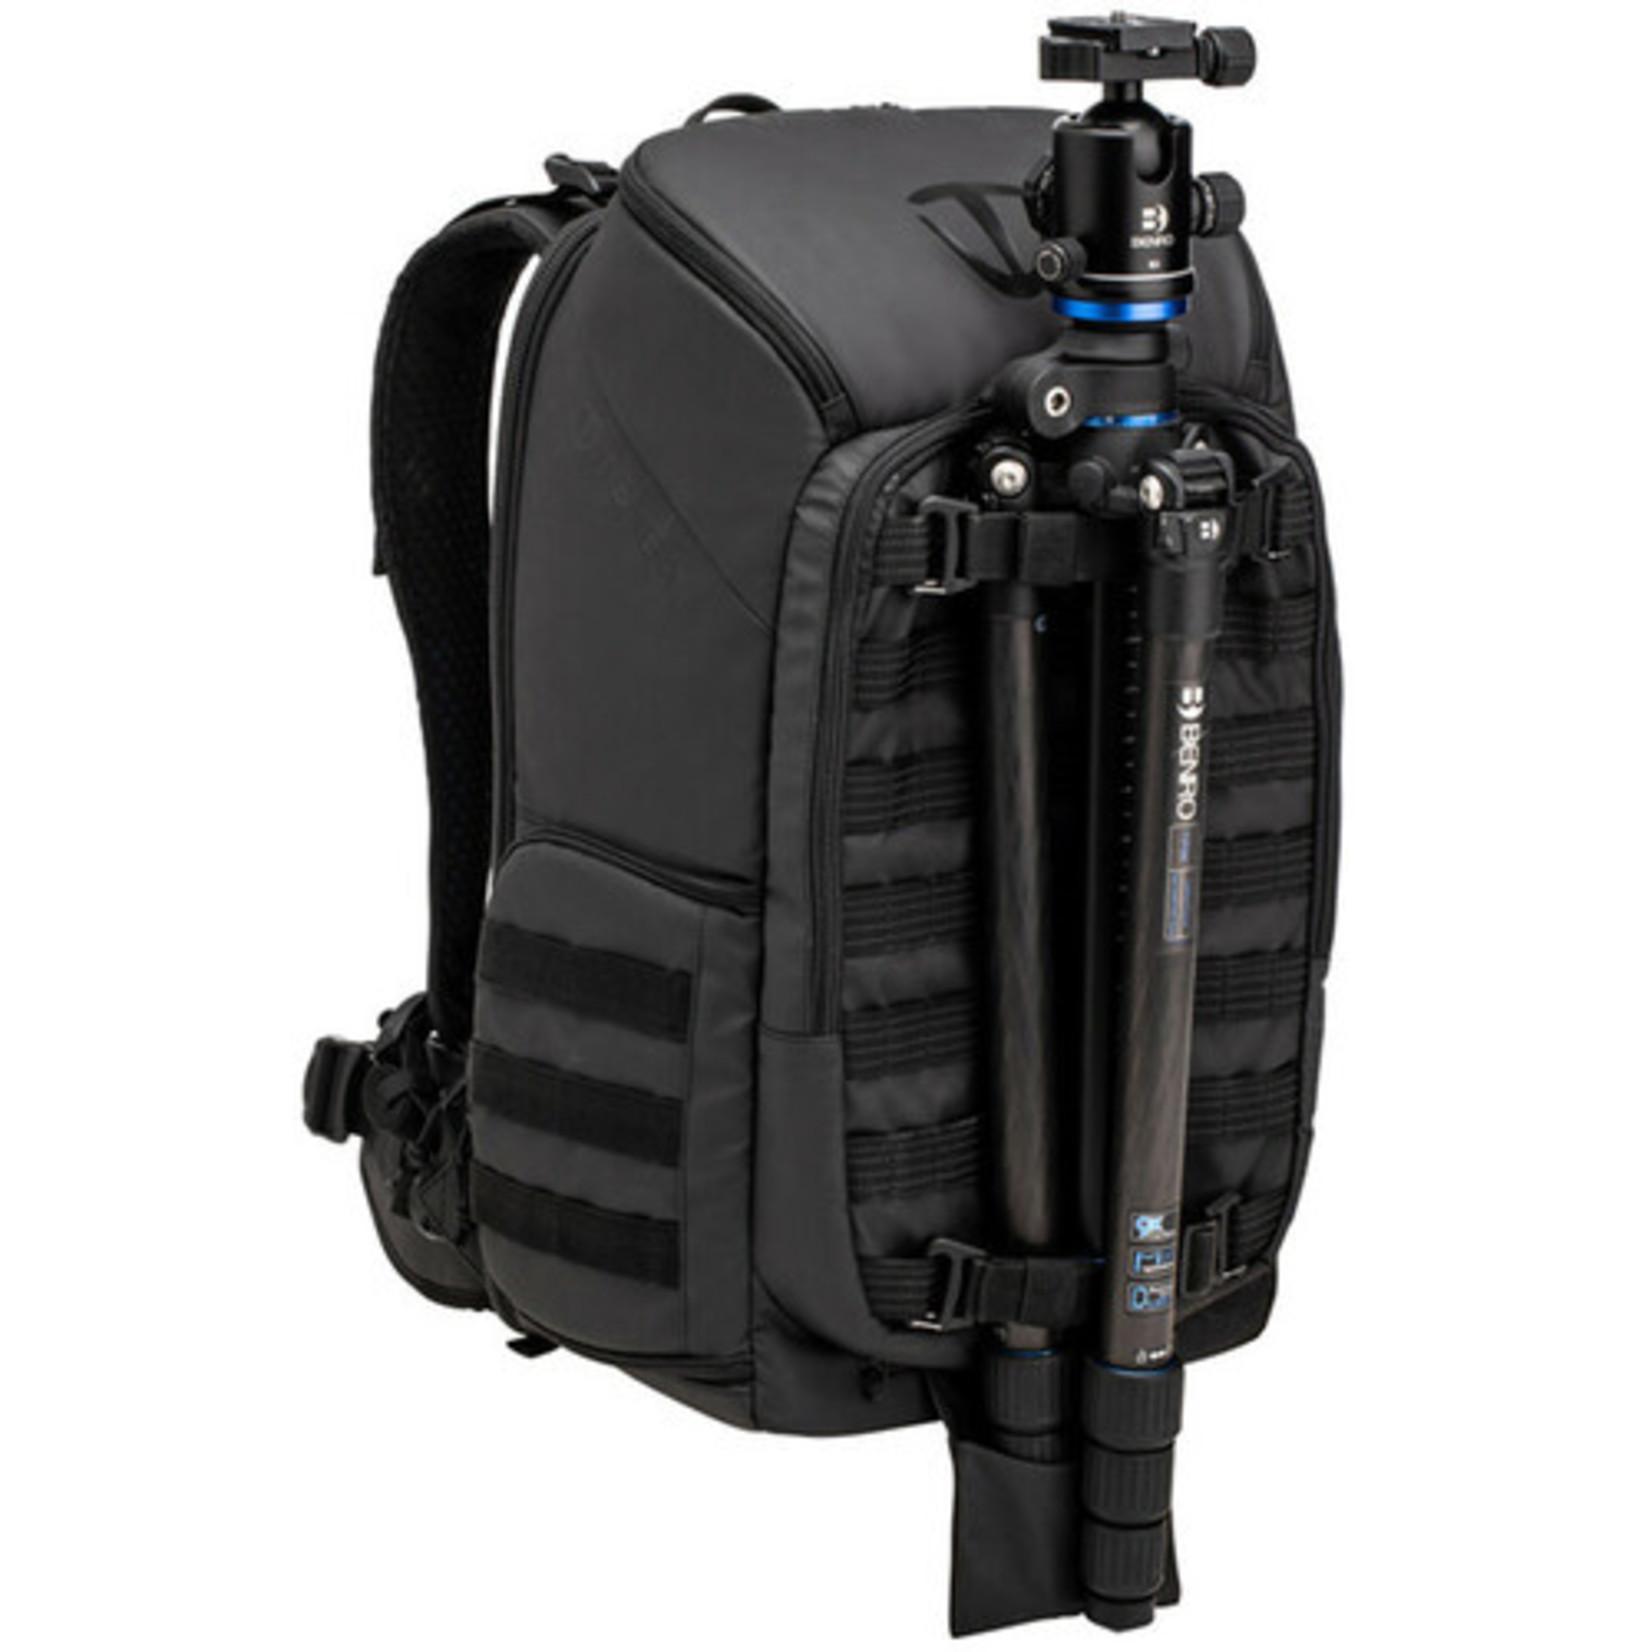 Tenba Tenba Axis 24L Backpack (Black)